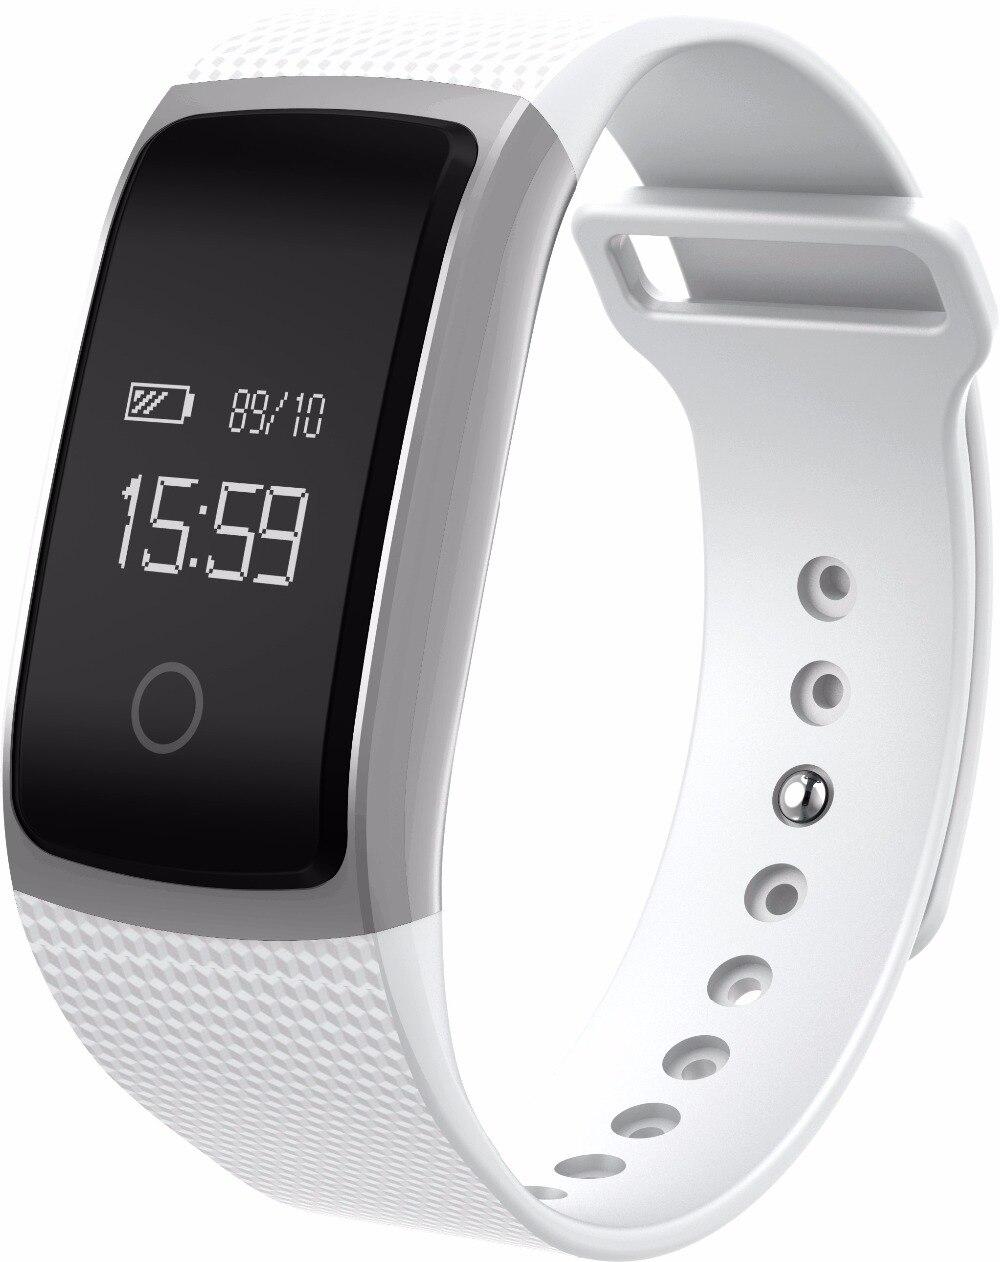 Smartch A09 Bluetooth Smart Bracelet Heart Rate Monitor Blood Pressure Oxygen Monitor IP67 Waterproof Fitness Tracker